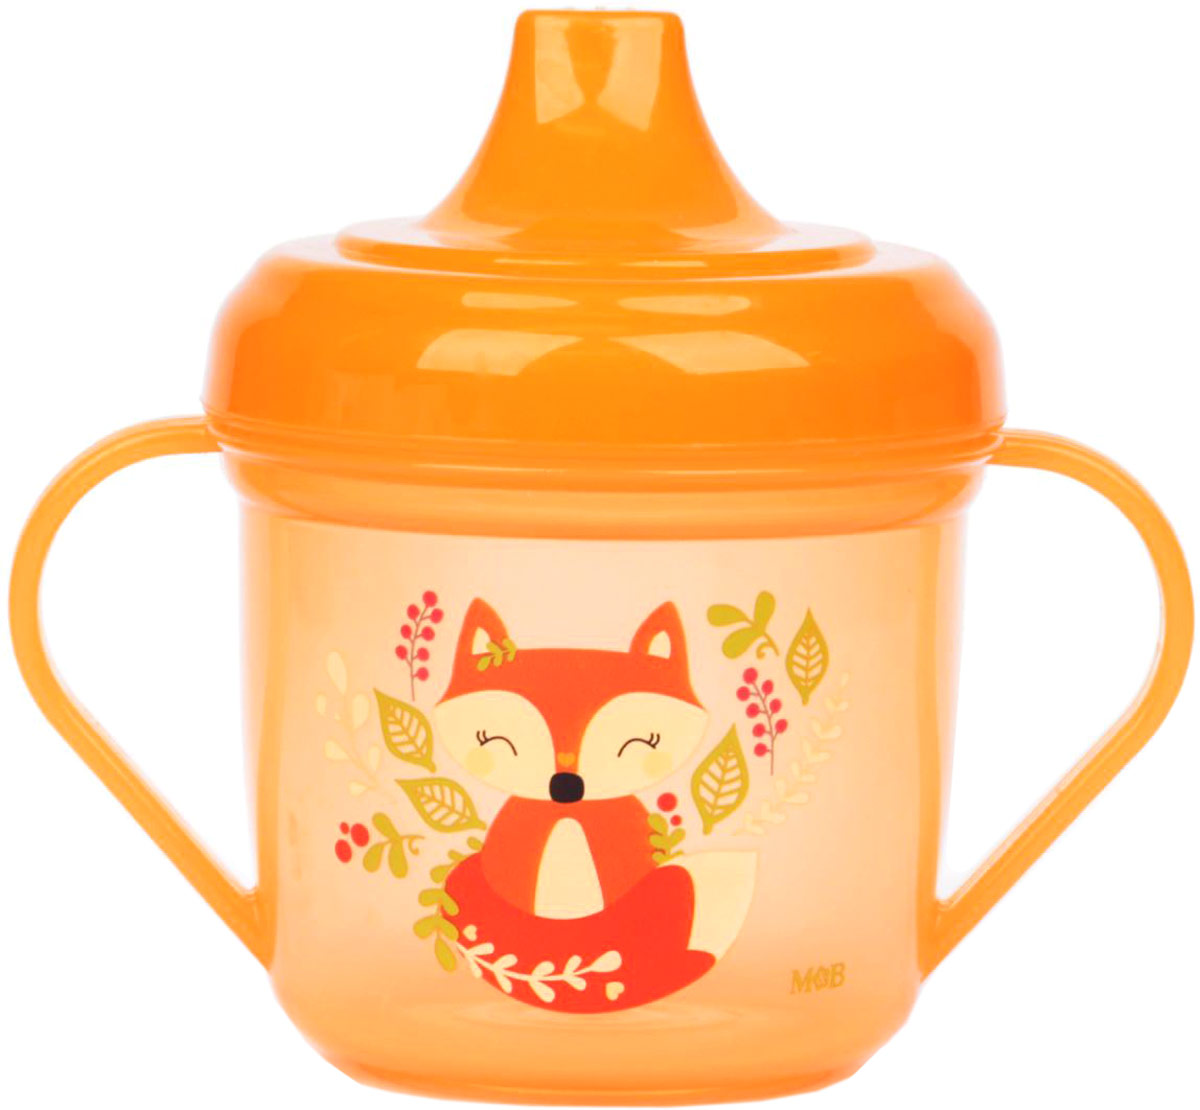 Mum&Baby Поильник с ручками Лисичка цвет оранжевый 200 мл -  Поильники